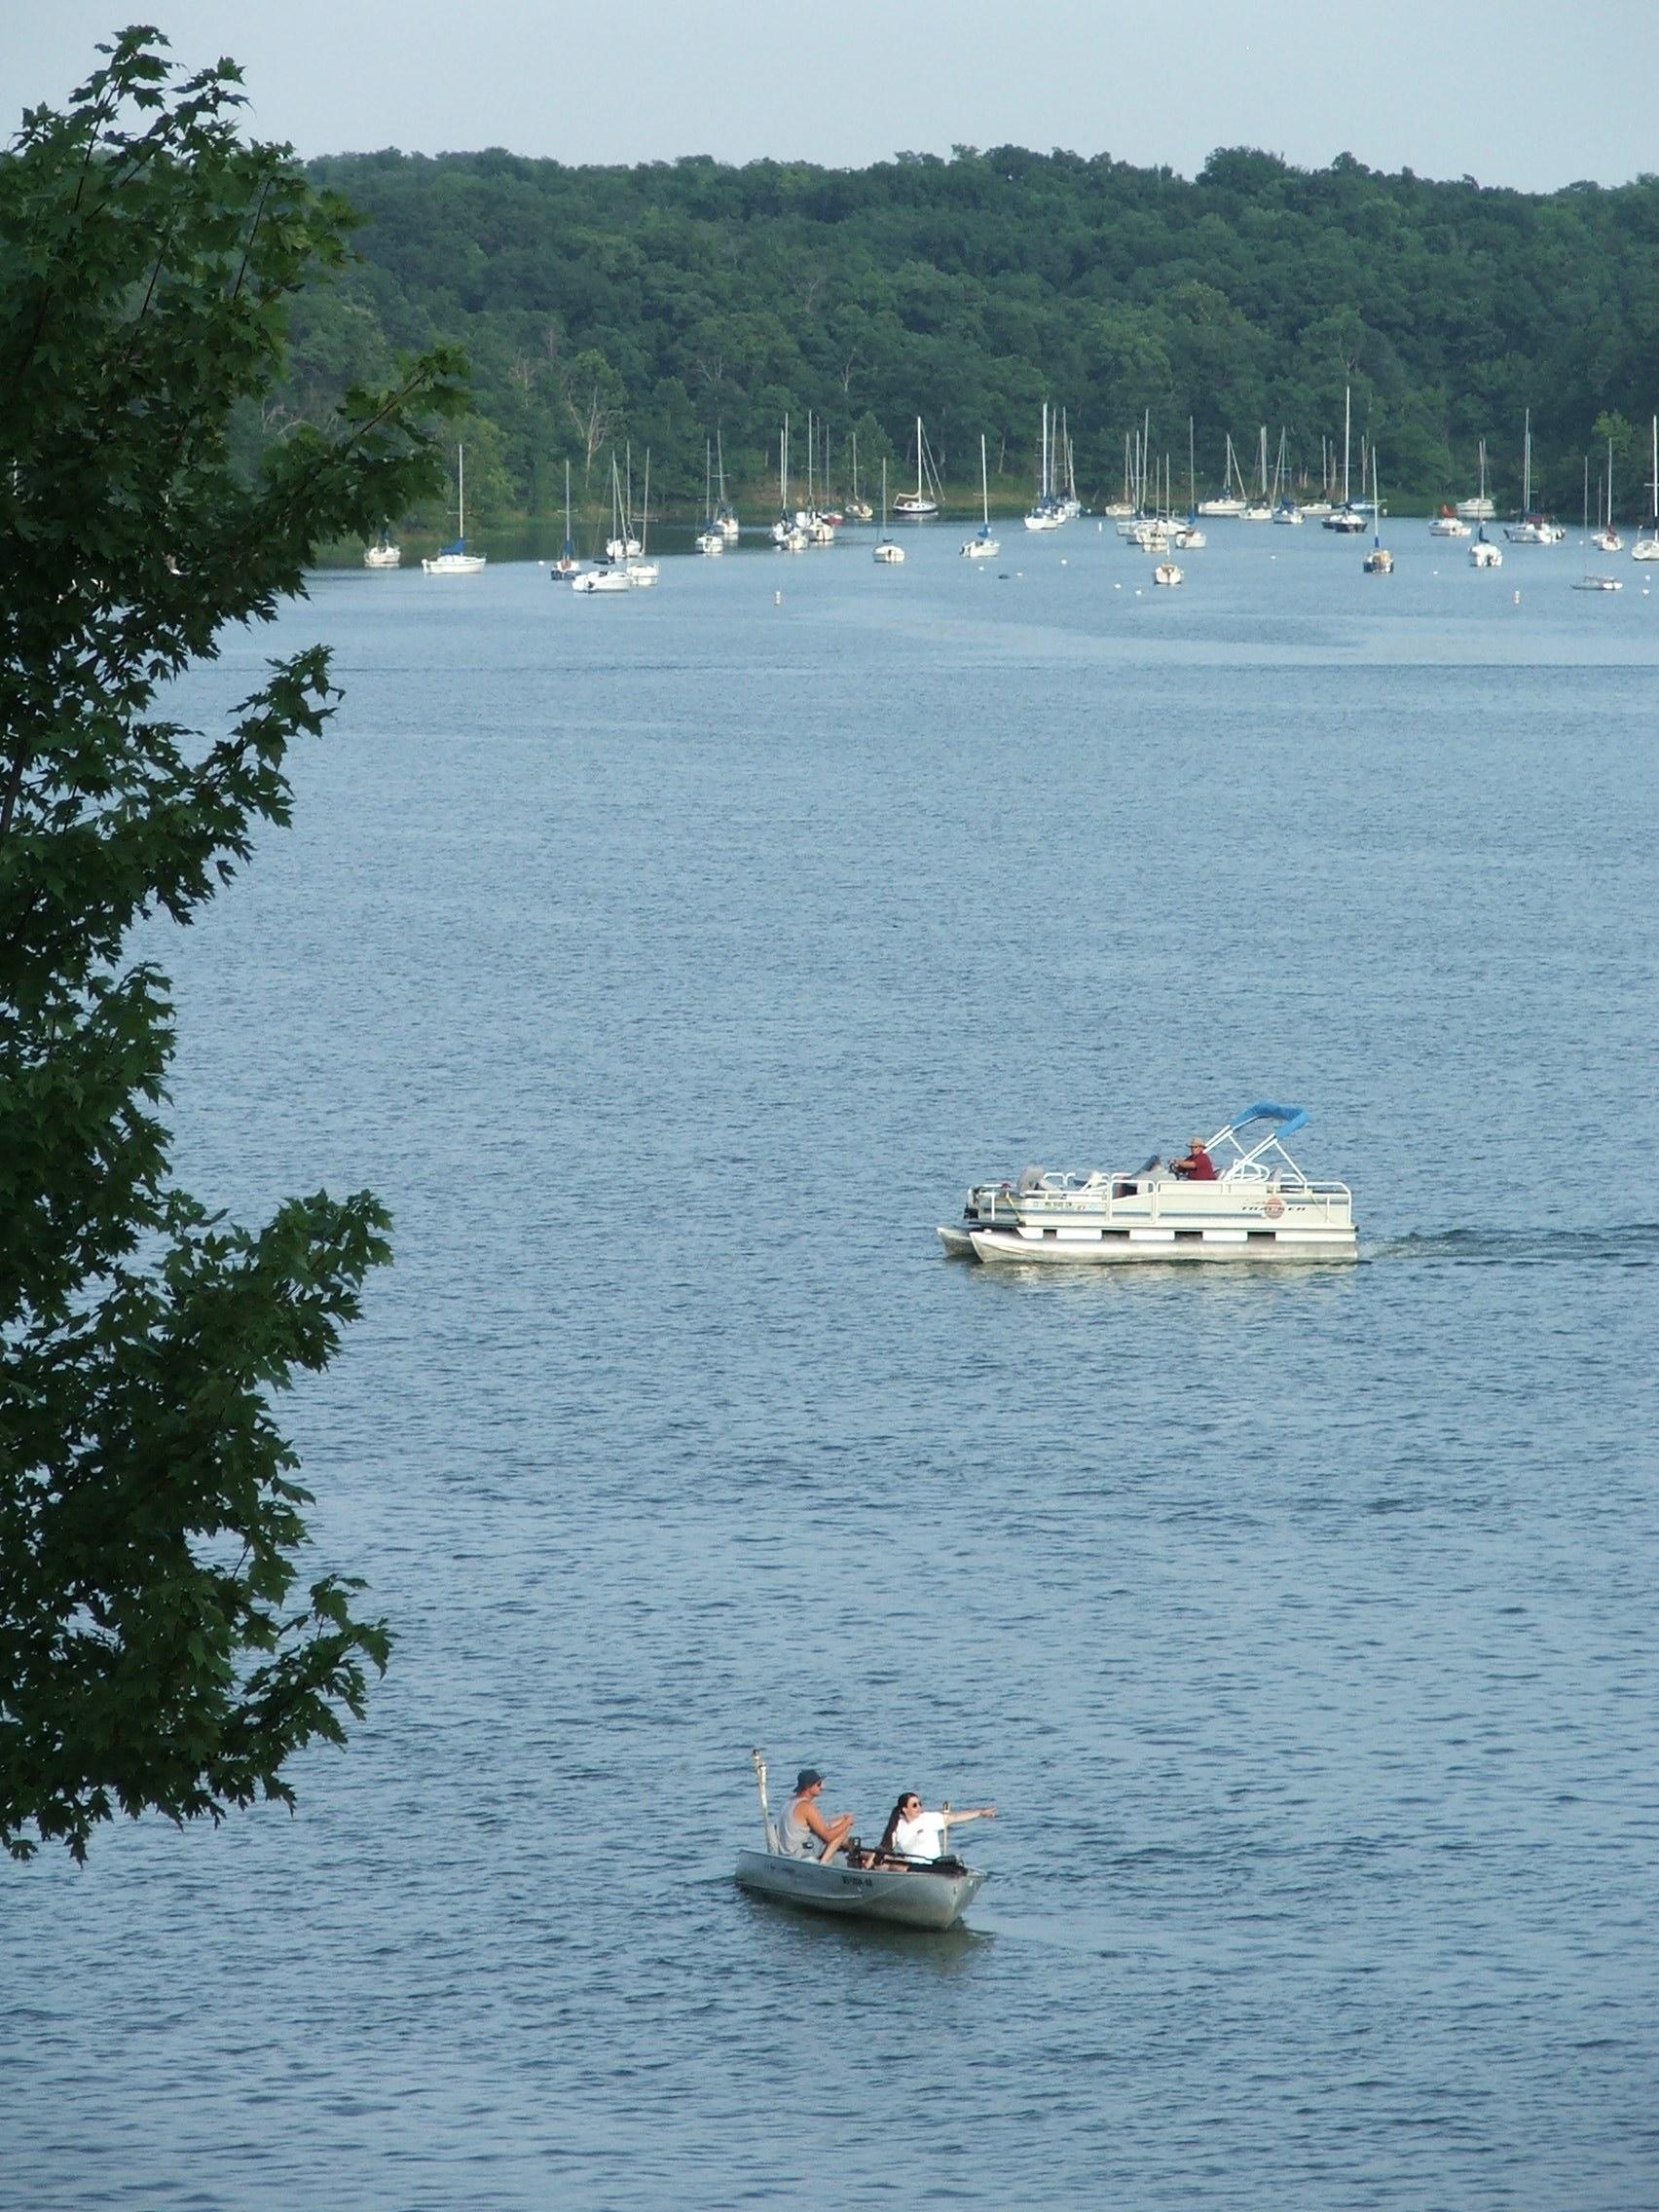 Lake jacomo fishing camping sail boats hiking trails for Fishing lakes in missouri